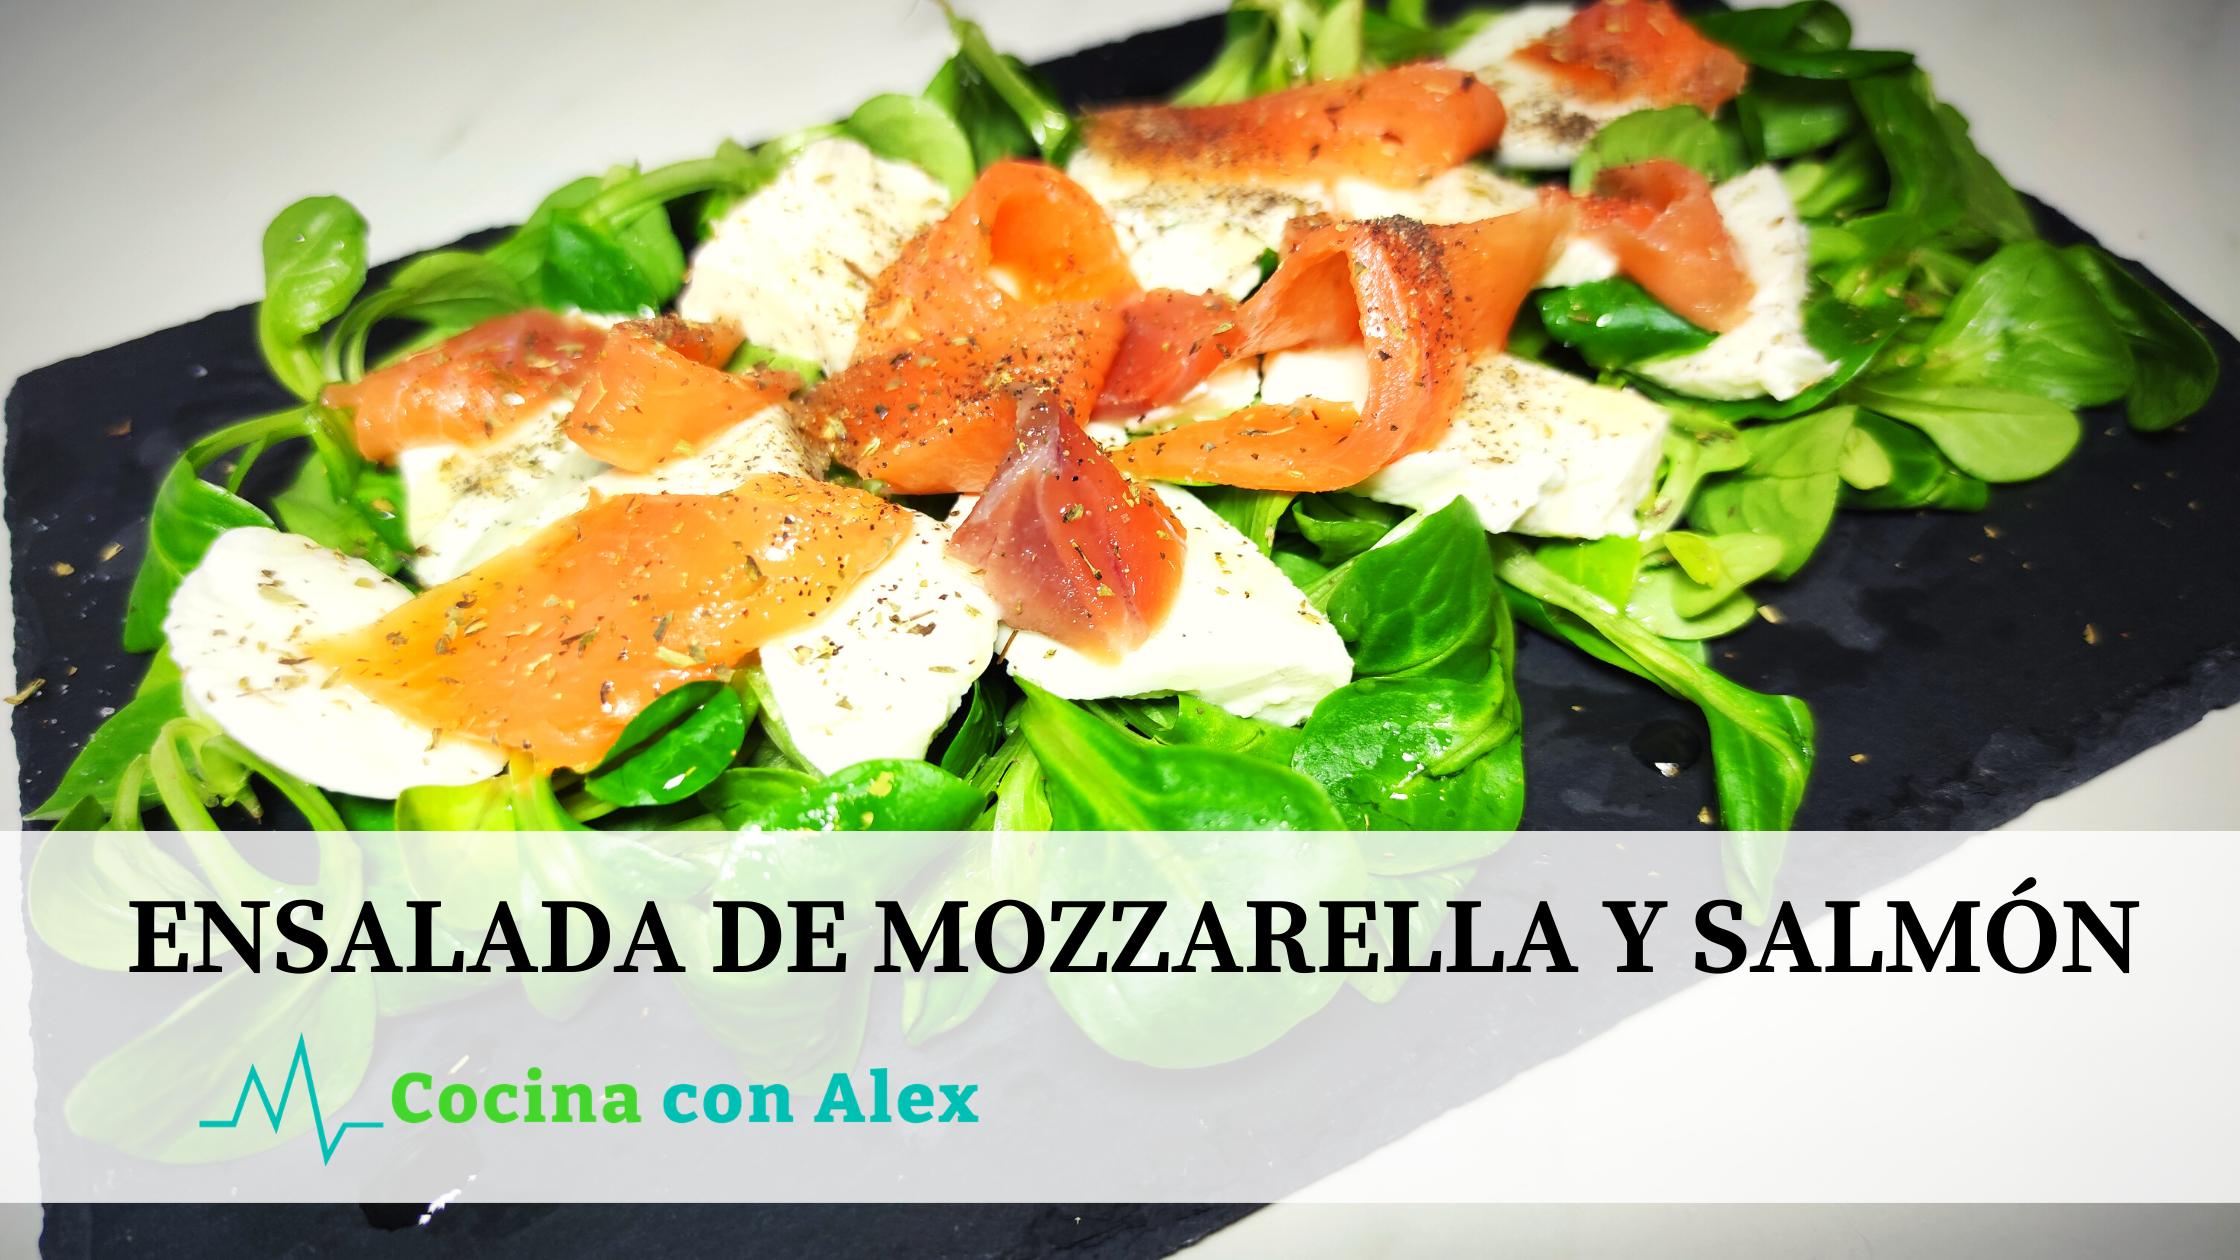 Ensalada de mozzarella y Salmón alex arroyo fit. Ensalada sana y saludable perfecta para cuidar la línea y perder peso.